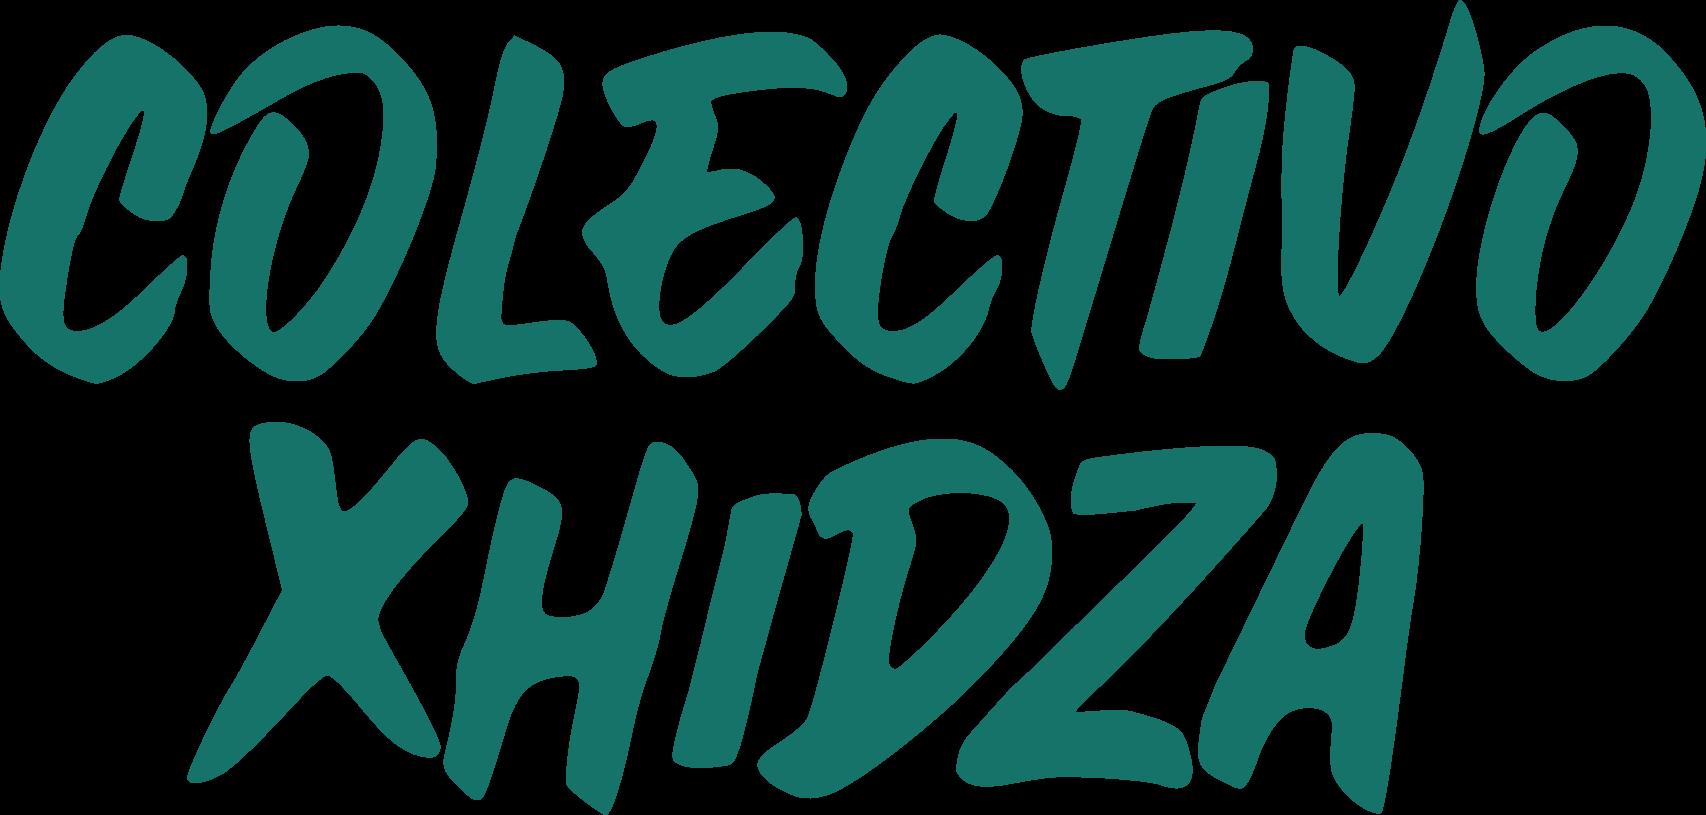 Colectivo Xhidza